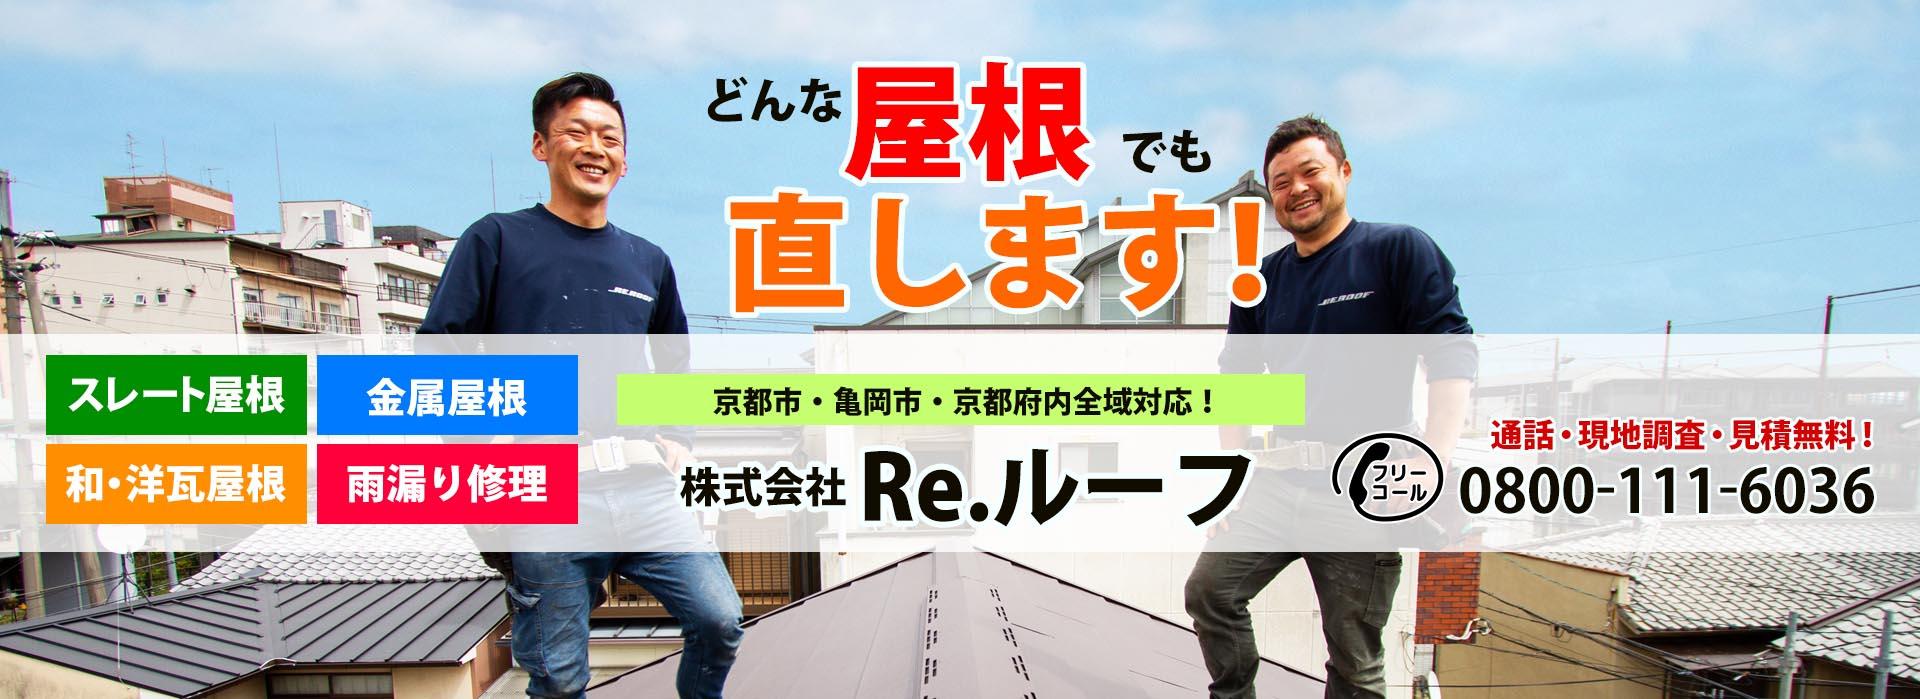 Re.ルーフ|京都市右京区の屋根工事職人直営店のホームページです